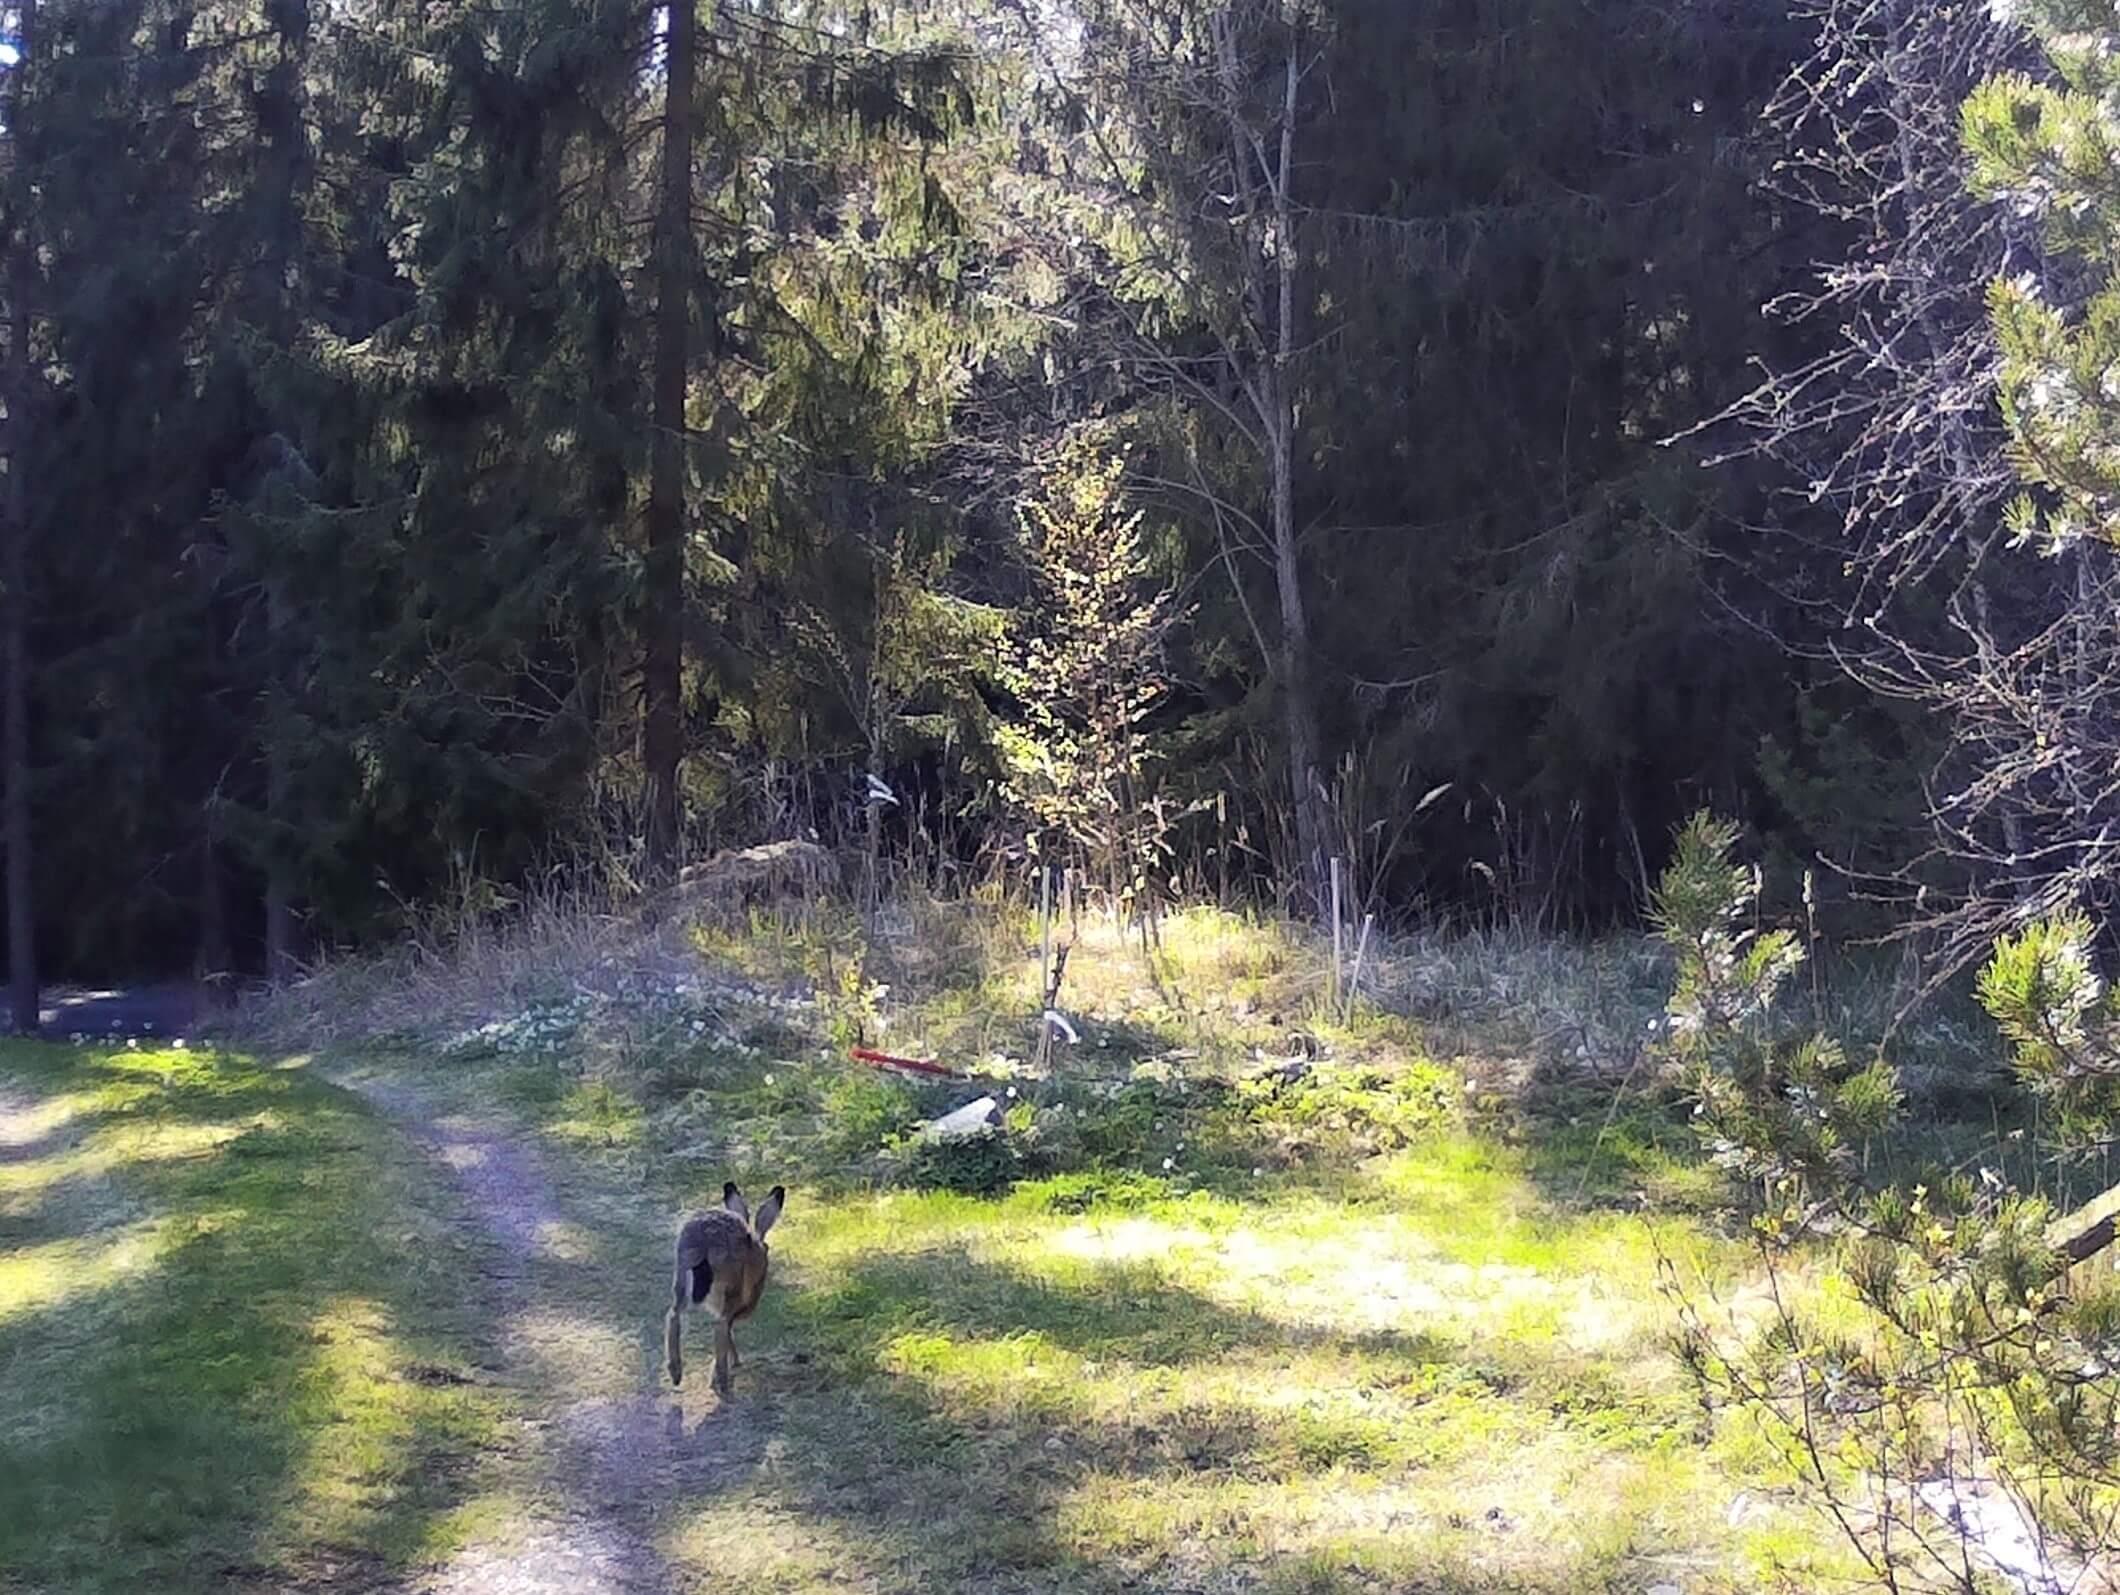 haren sedd snett bakifrån, hoppar över vägen med siktet inställt mot skogsbrynet